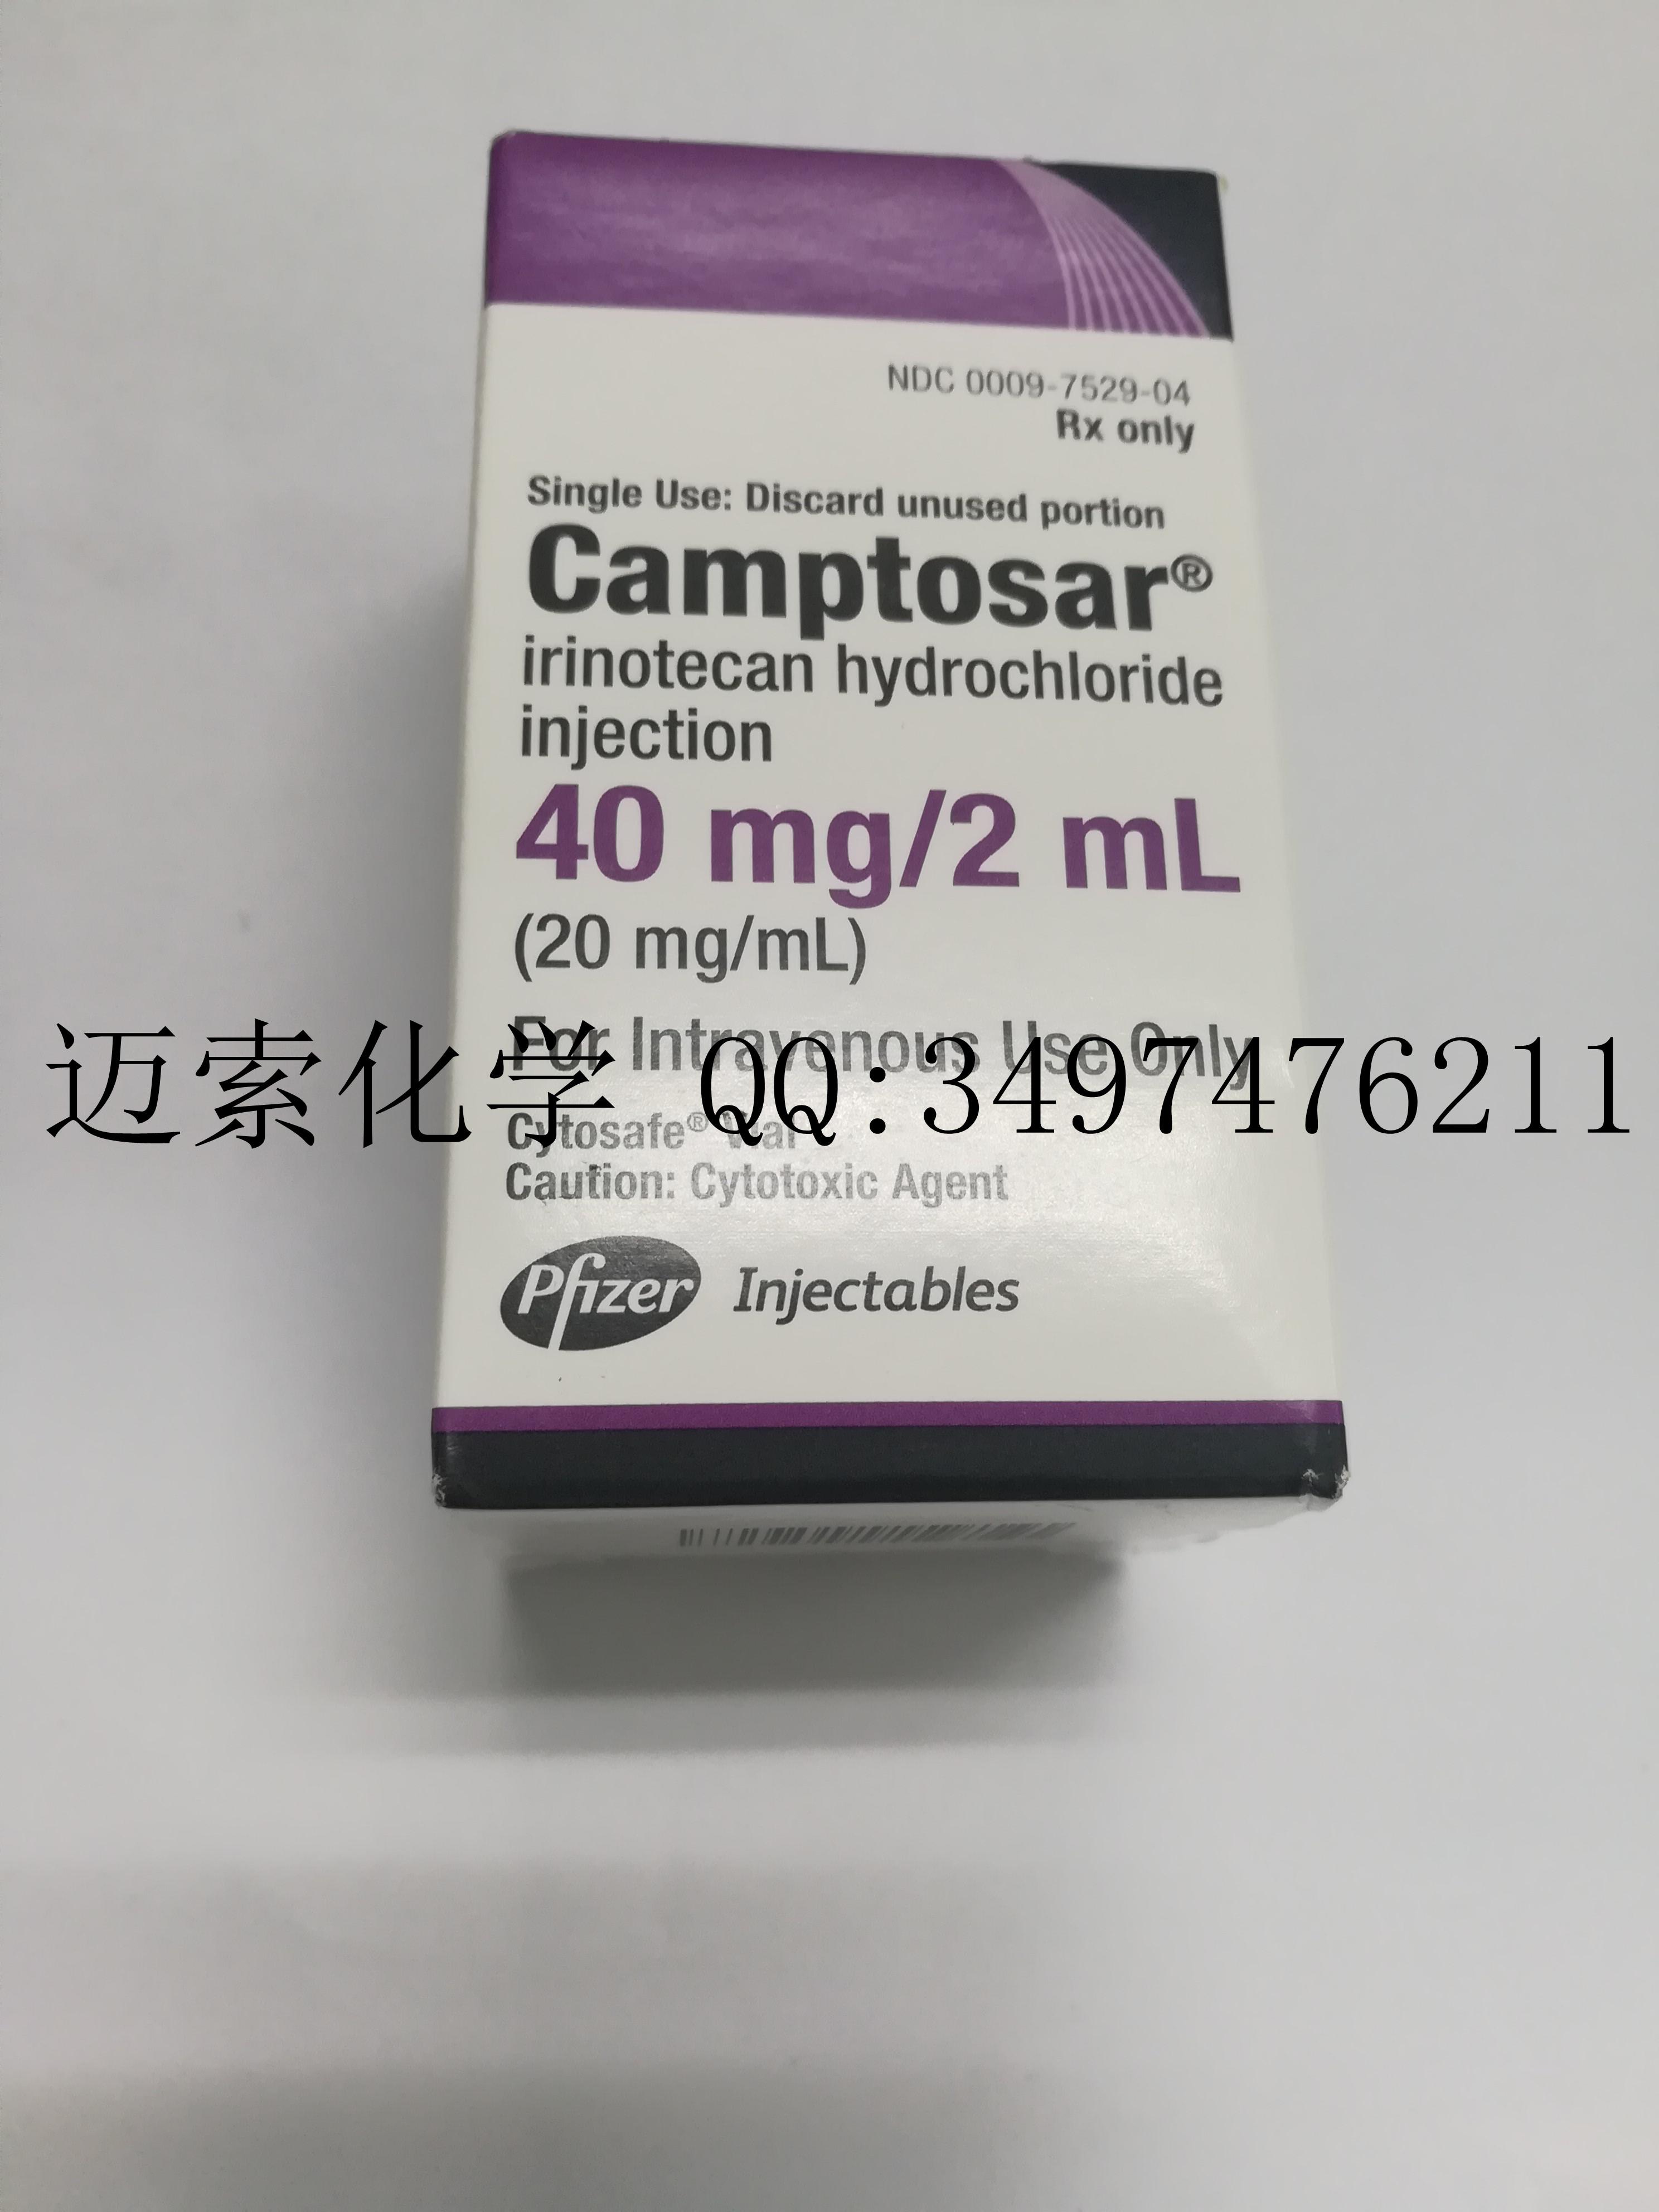 伊立替康注射液,美国原研参比制剂